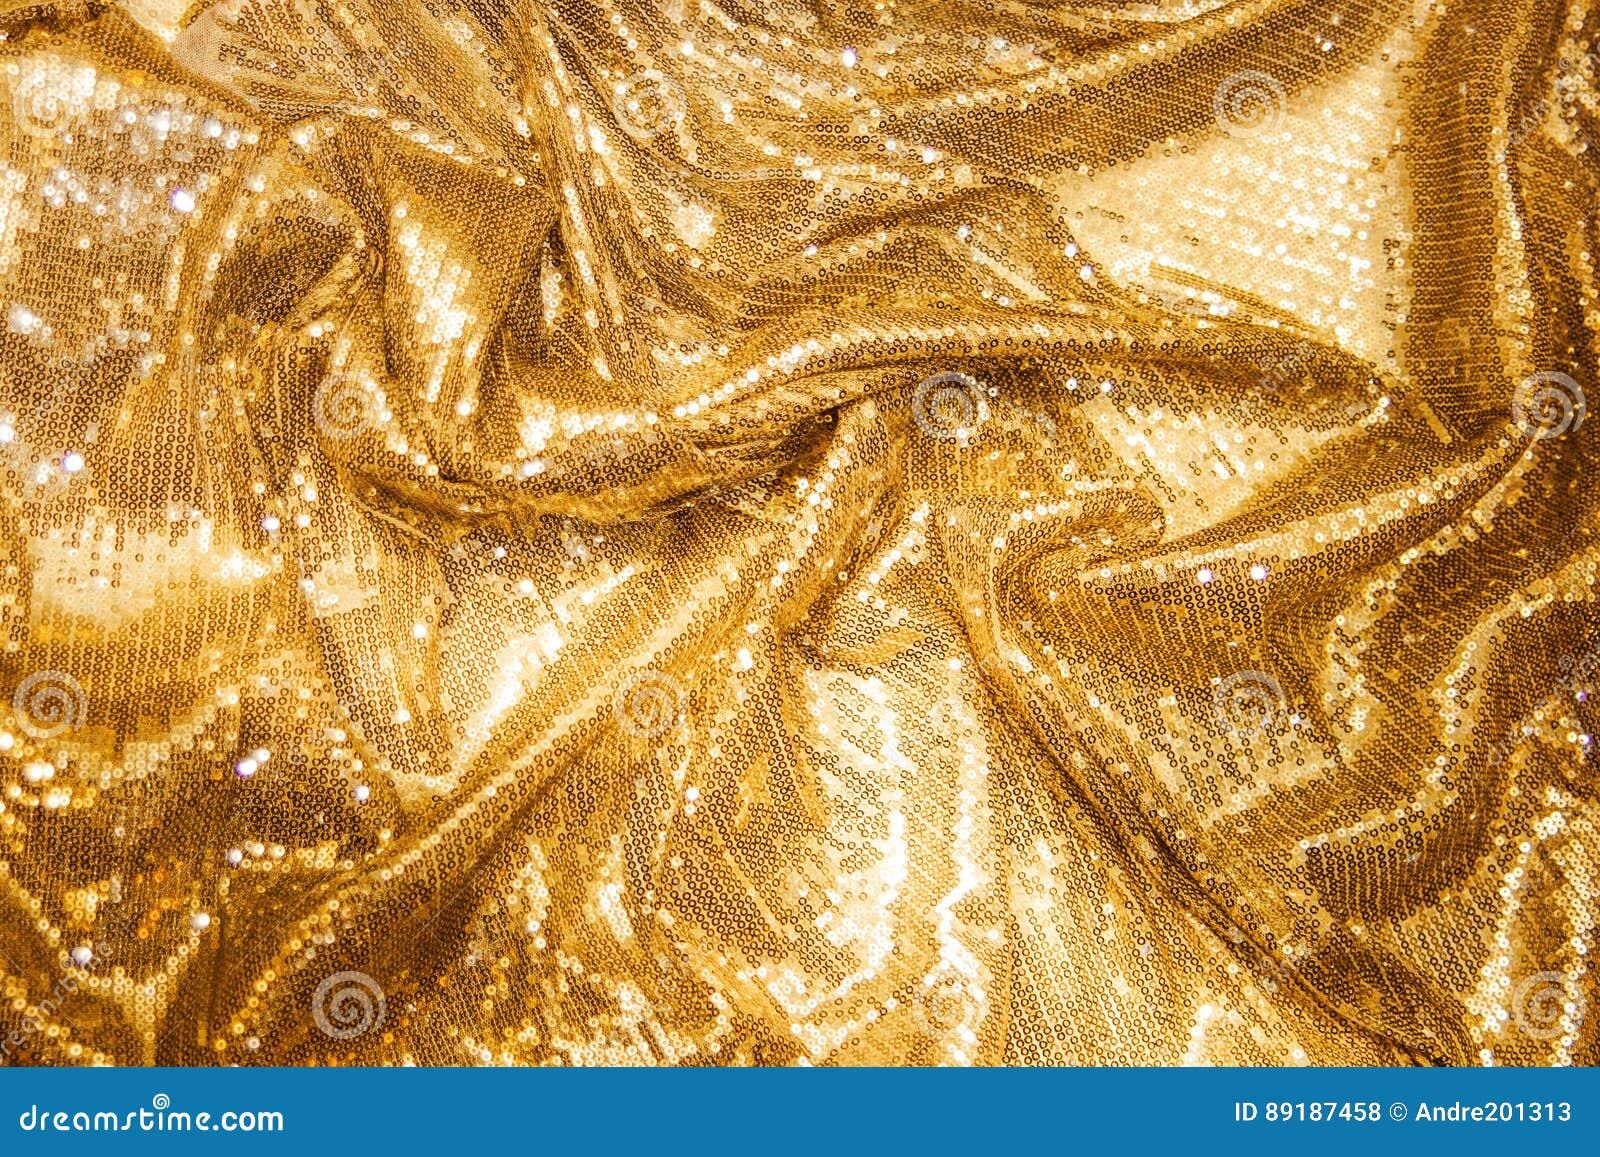 Gouden lovertjes - het fonkelen sequined textiel